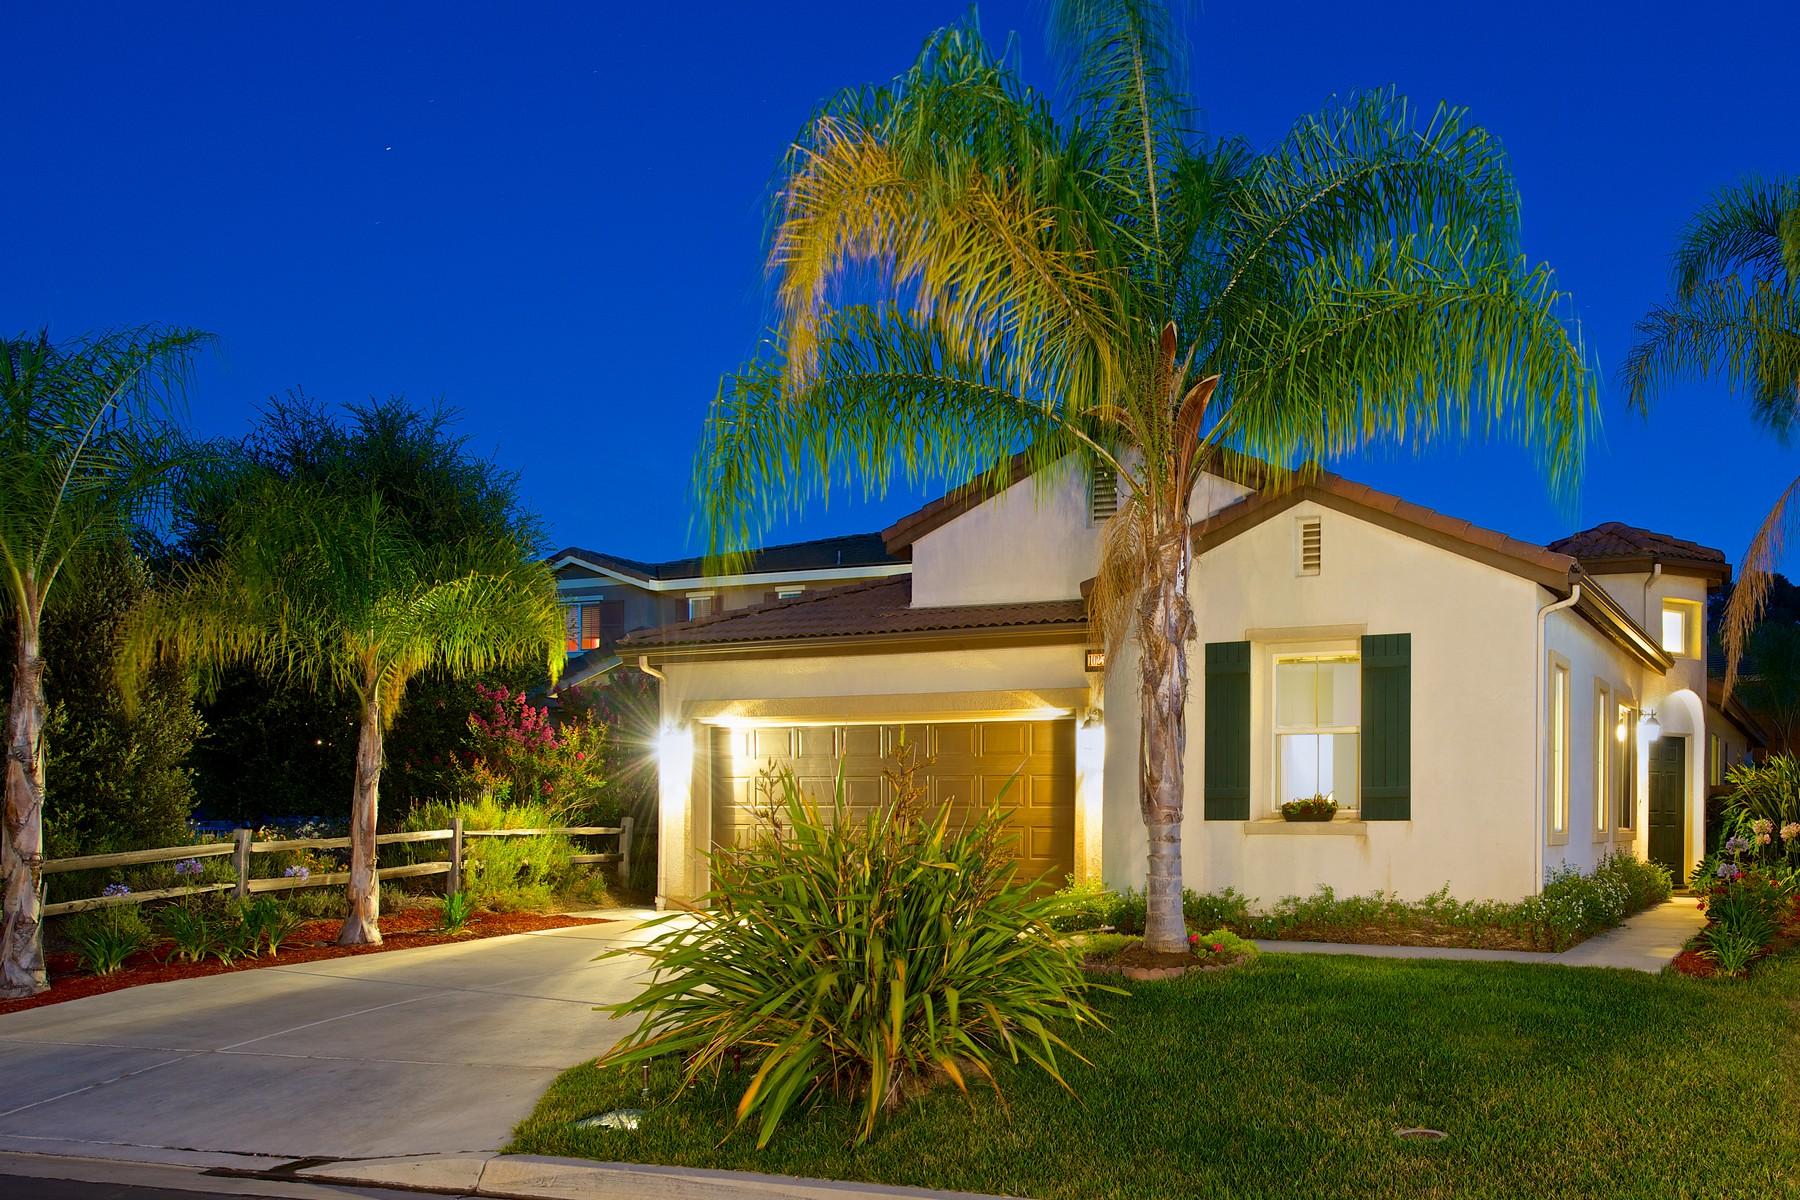 Maison unifamiliale pour l Vente à 10251 Sprucewoodlands Way 10251 Spruce Woodlands Way Escondido, Californie 92026 États-Unis